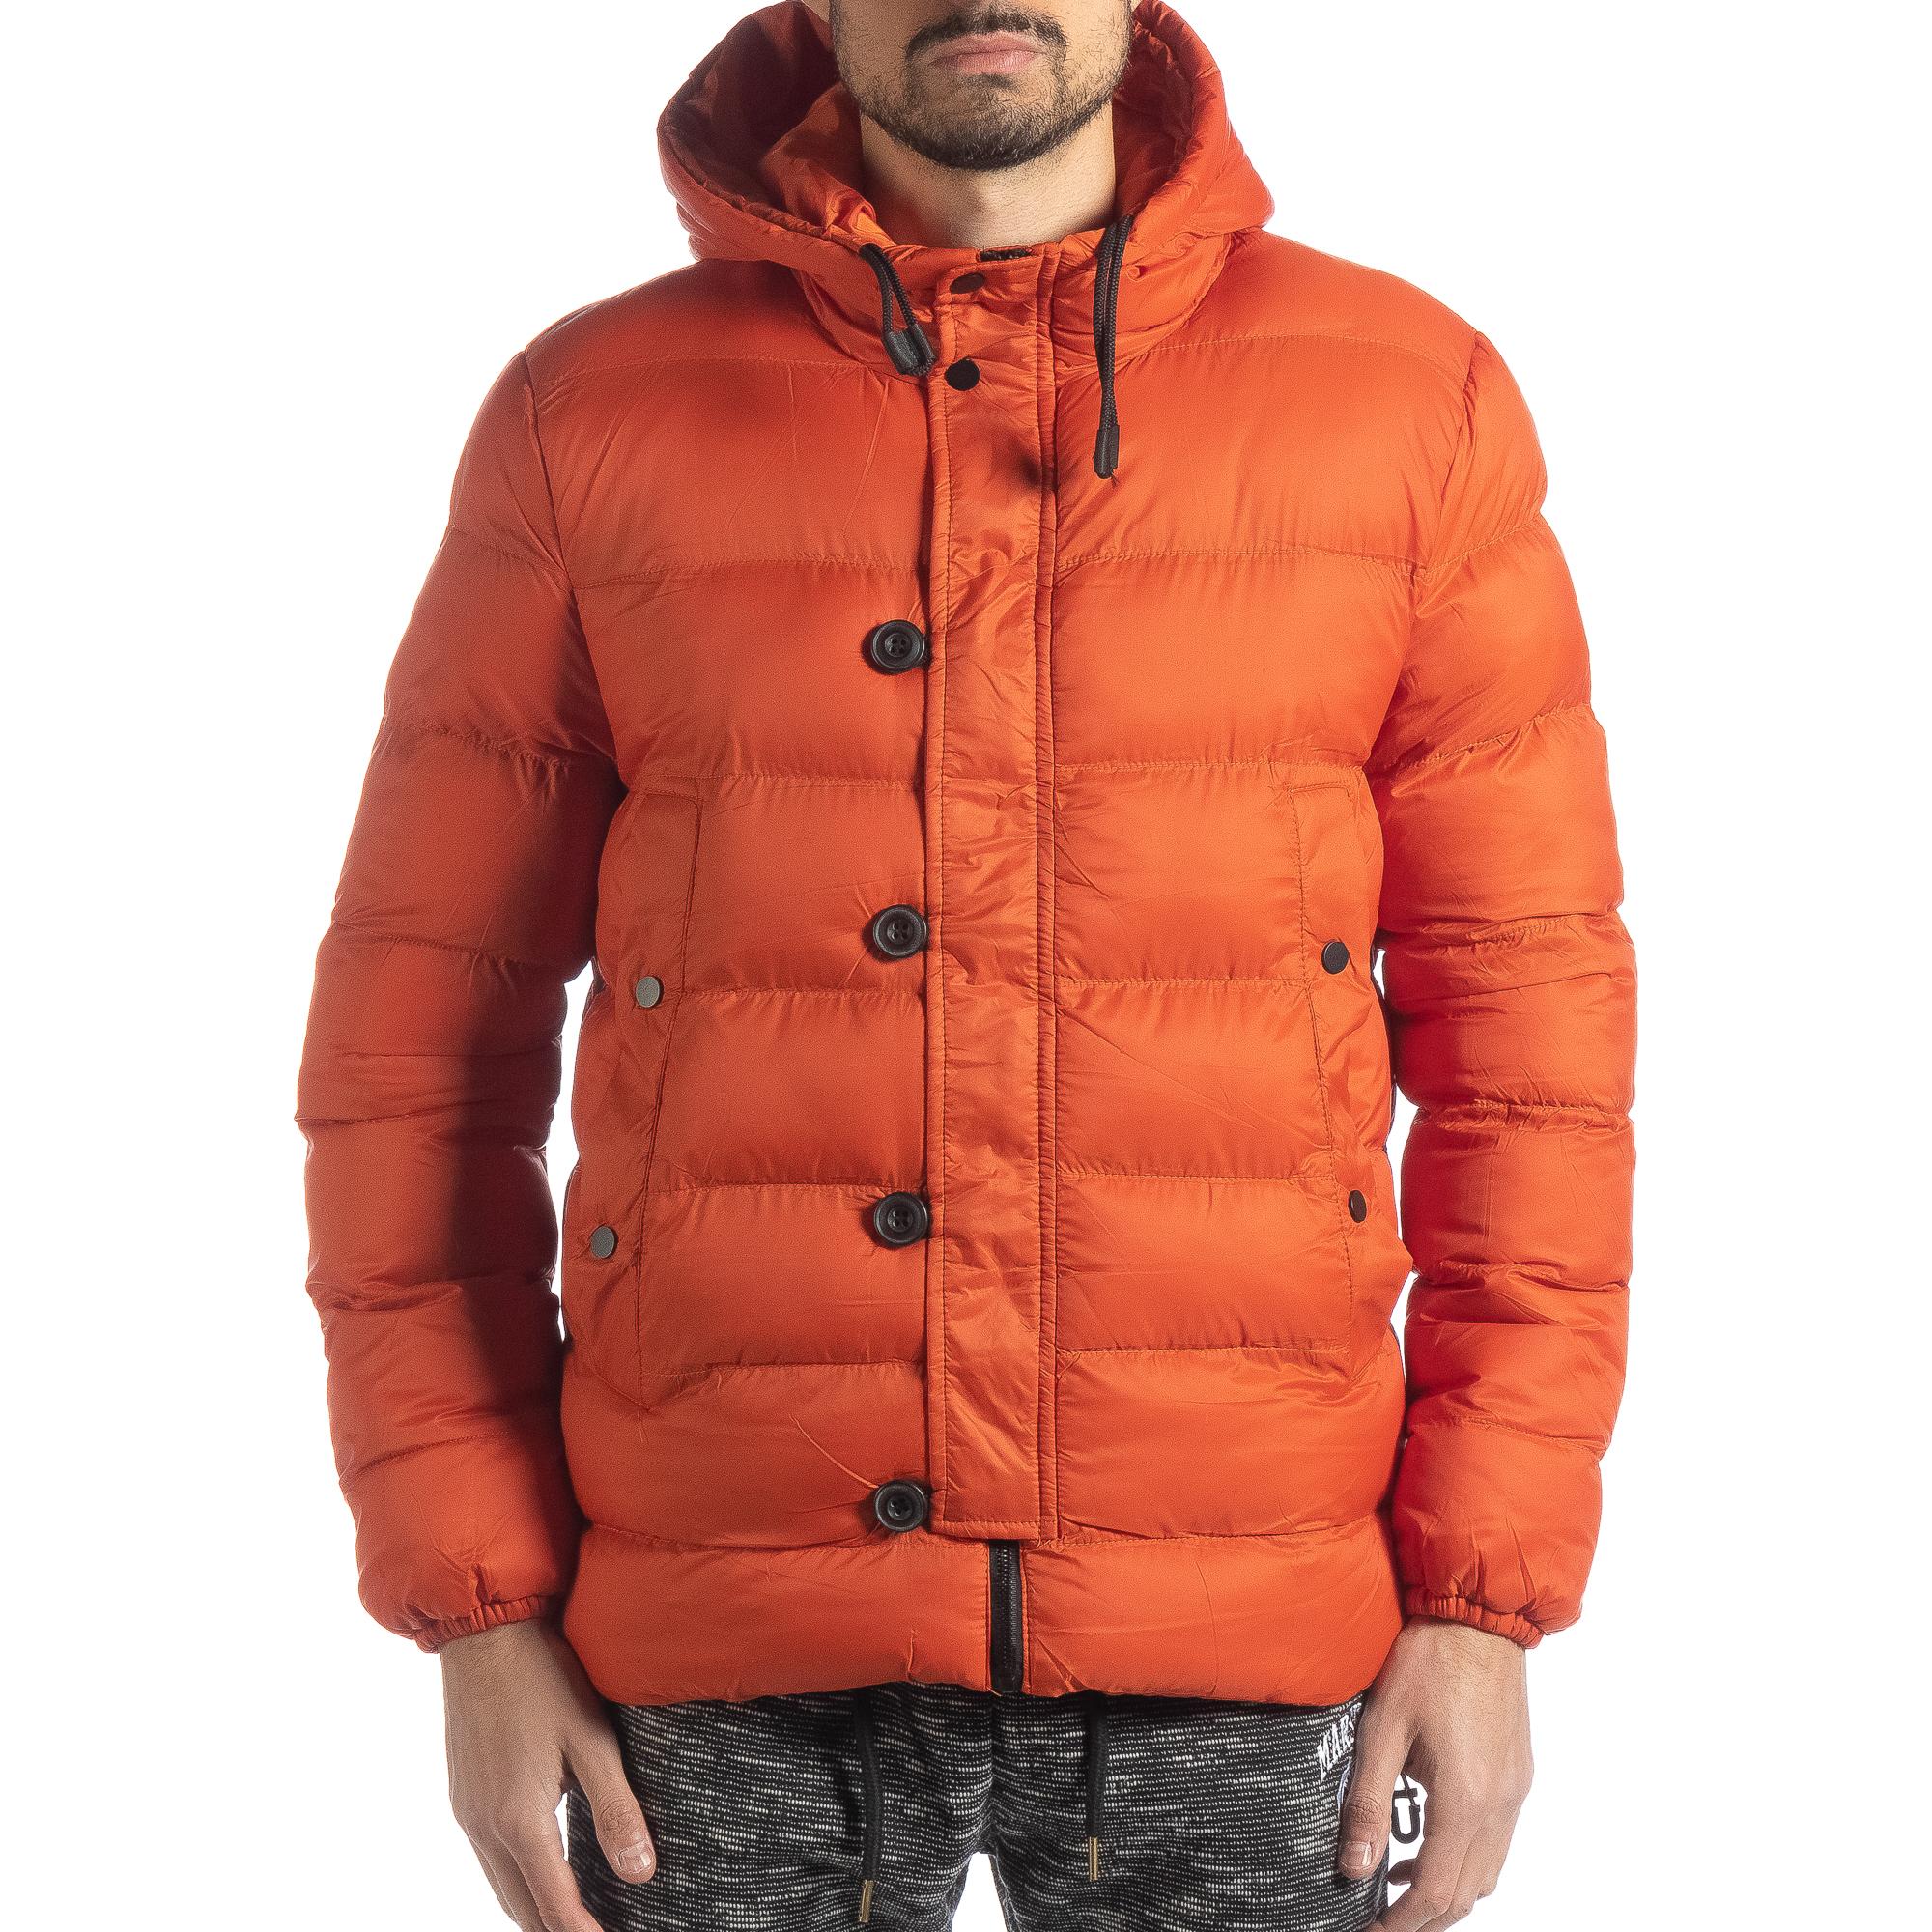 6b637254fac Ανδρικό πορτοκαλί χειμερινό μπουφάν